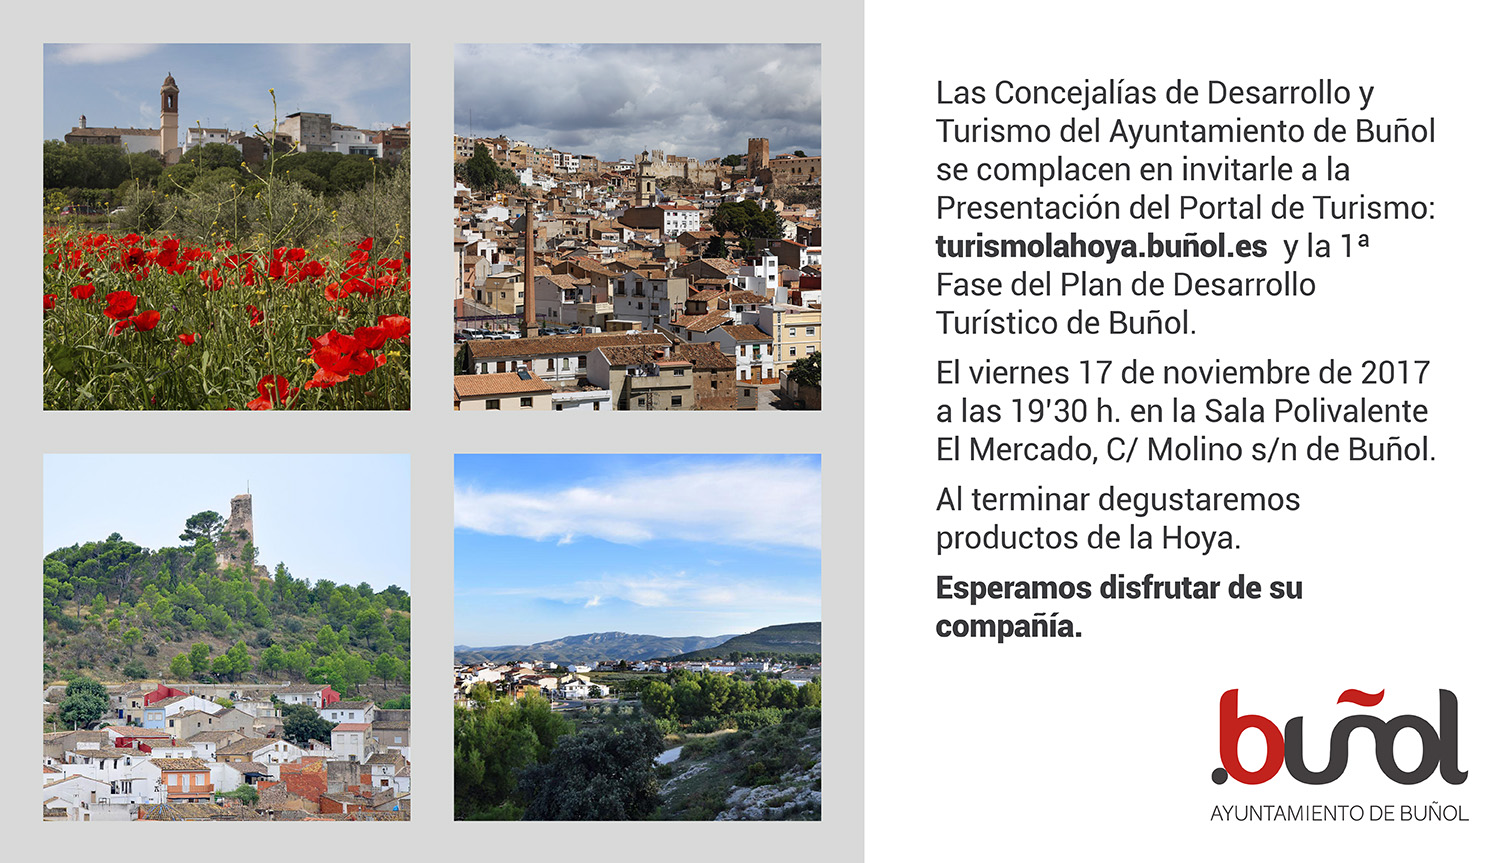 El Ayuntamiento de Buñol presenta este viernes un nuevo portal de turismo en el que se puede encontrar la amplia oferta de alojamientos, actividades y restaurantes de esta localidad, Alborache, Macastre y Yátova.